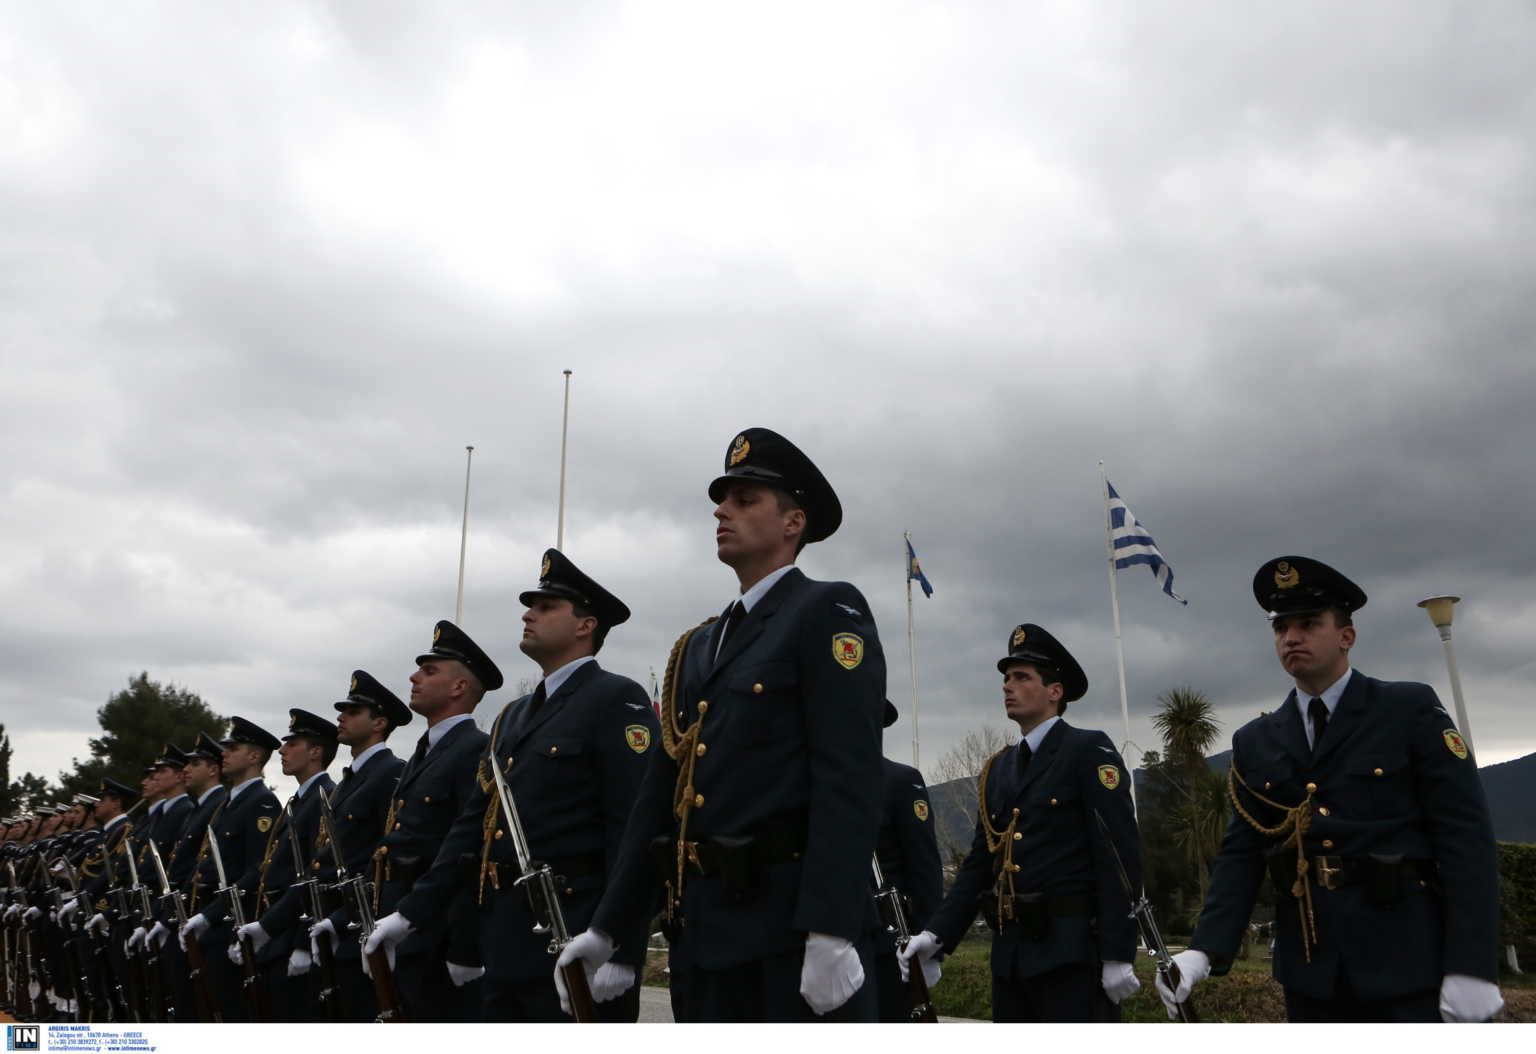 Νέο κρούσμα στις Ένοπλες Δυνάμεις! Θετικός Σμηνίτης στη Ρόδο